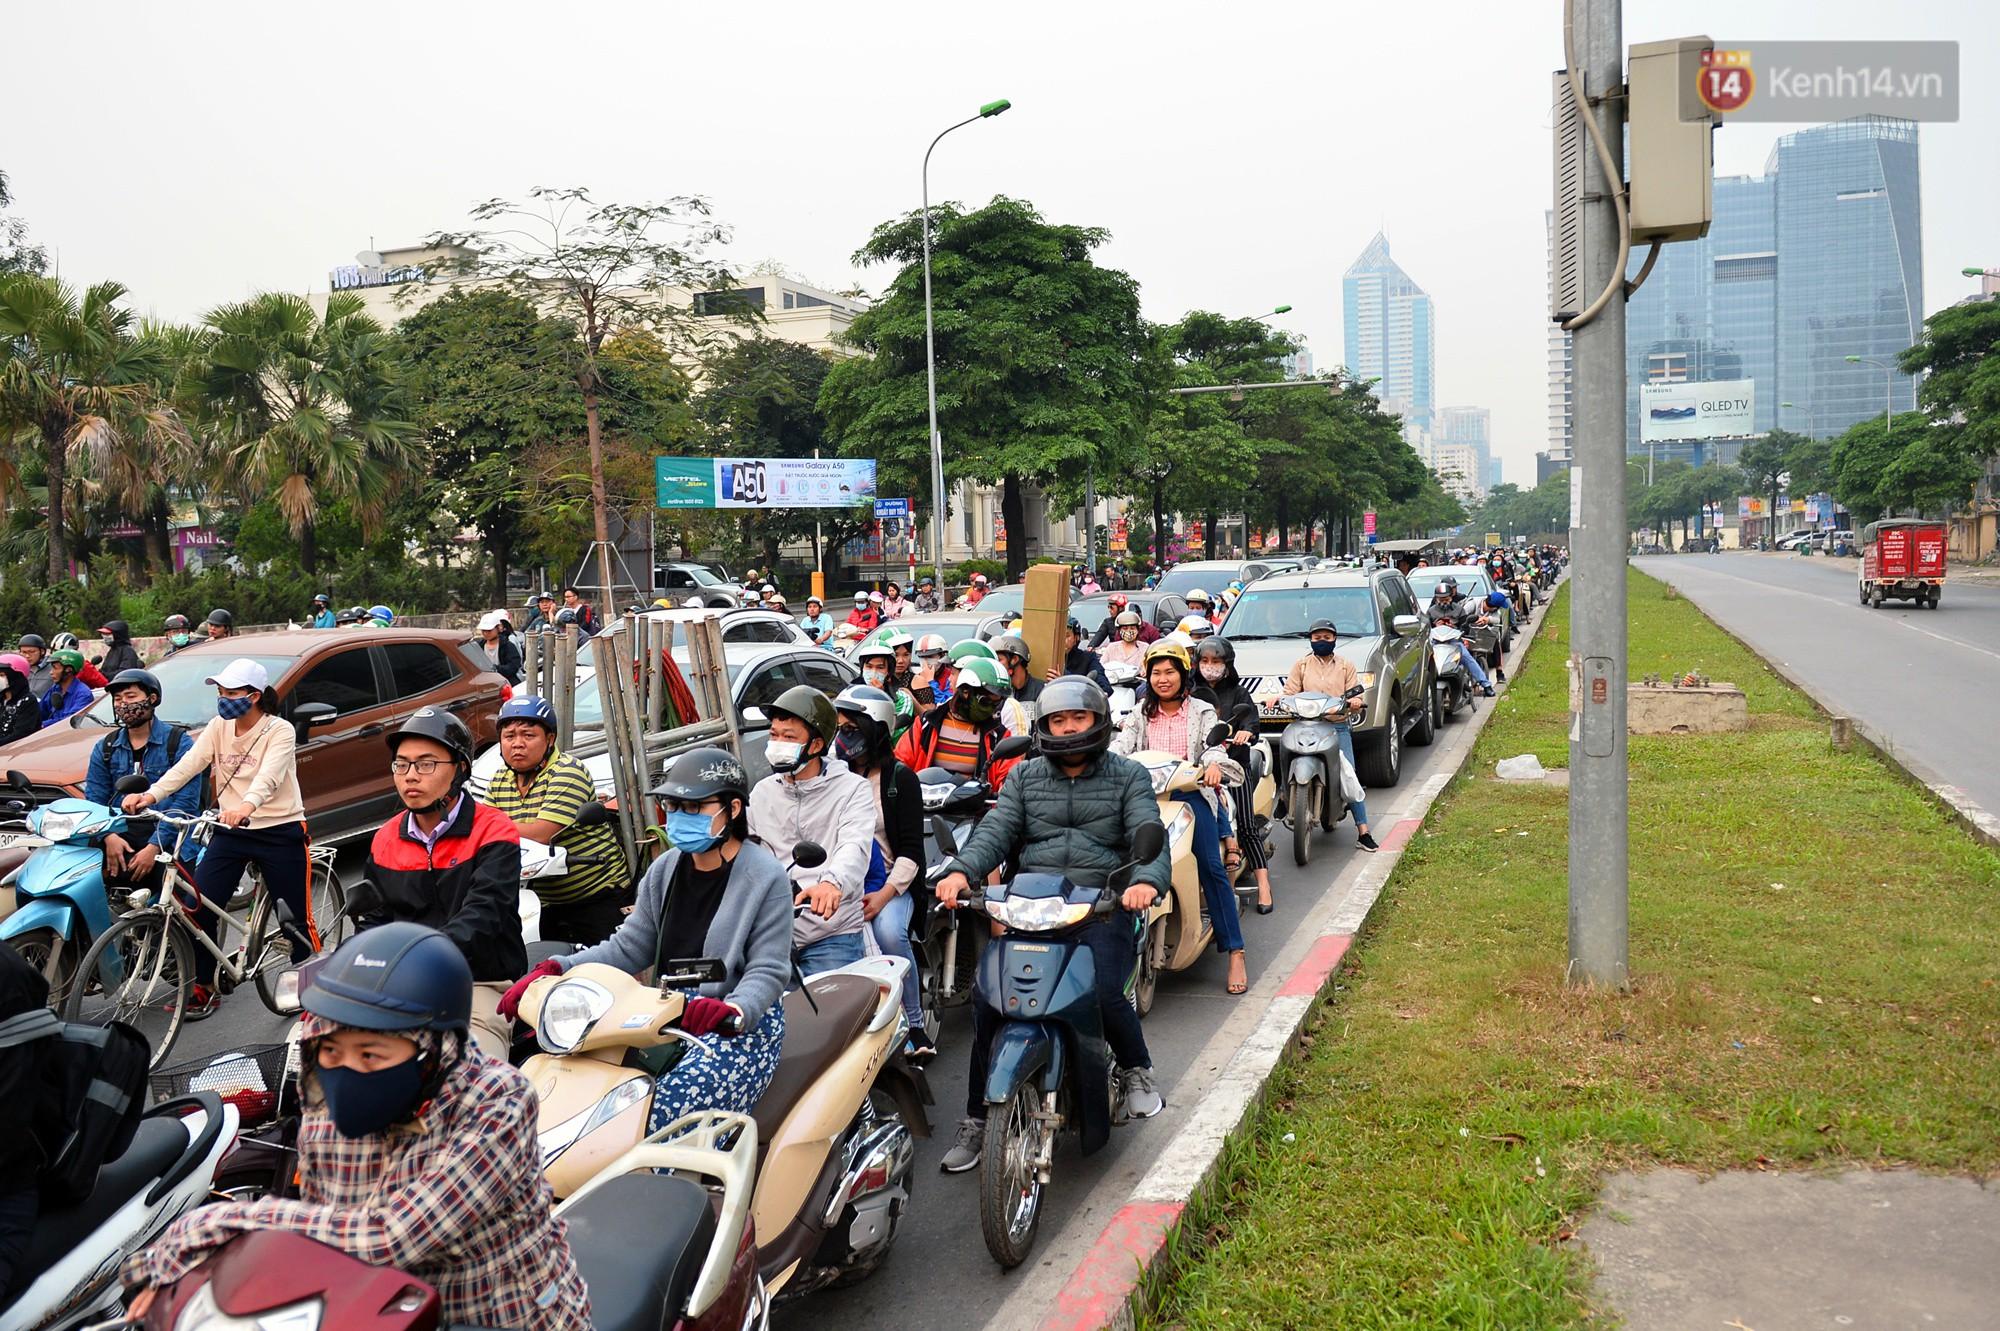 Chùm ảnh: Đây là cảnh tượng diễn ra mỗi ngày trên tuyến đường Hà Nội dự kiến cấm xe máy vào giờ cao điểm - Ảnh 4.